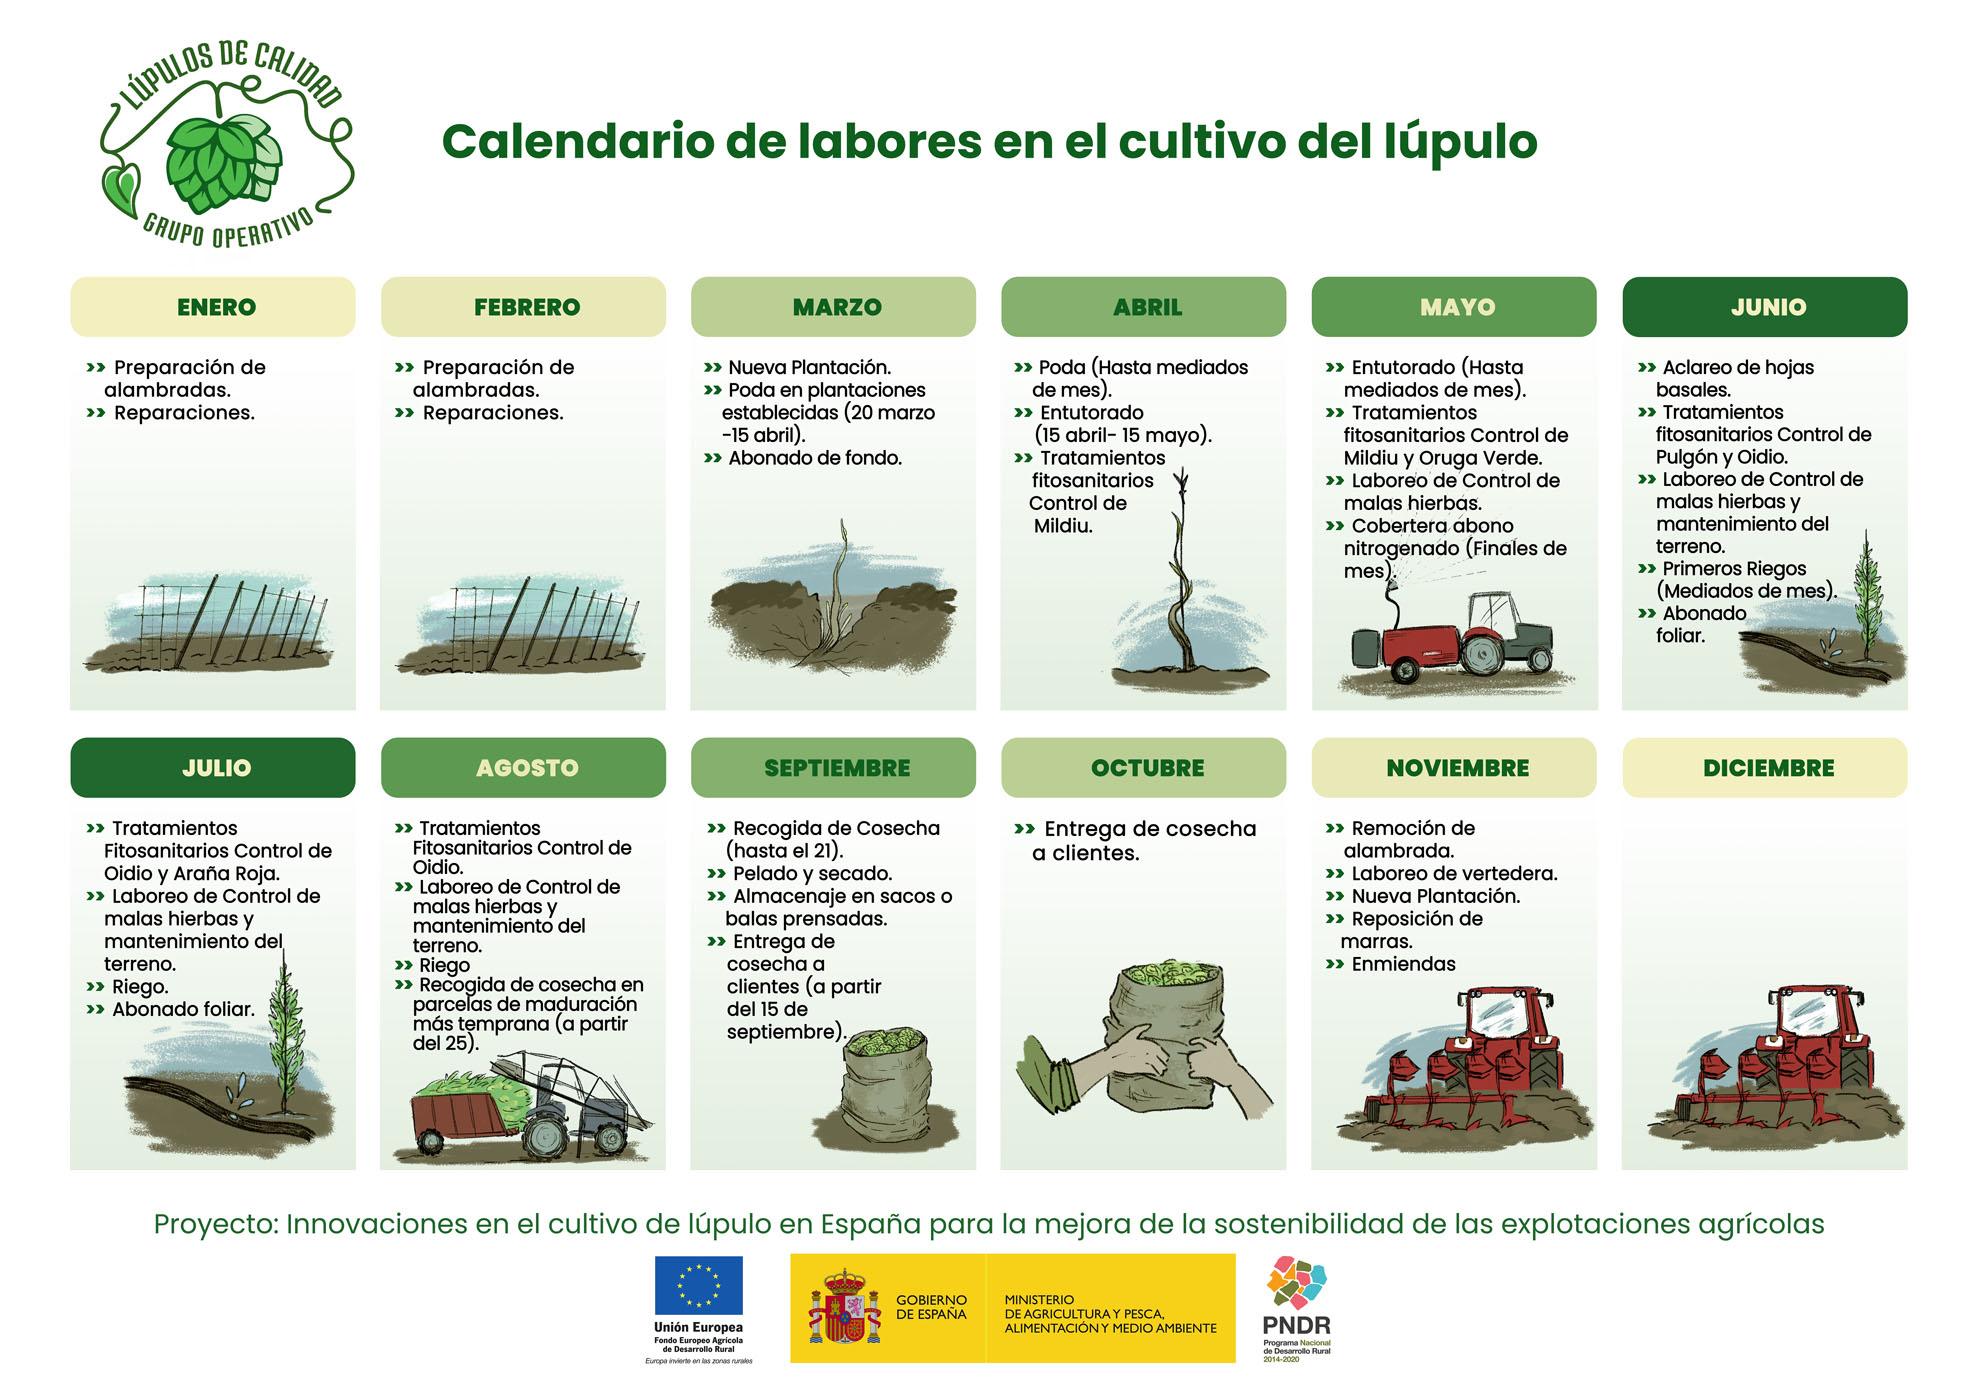 Calendario de labores en el cultivo del lúpulo